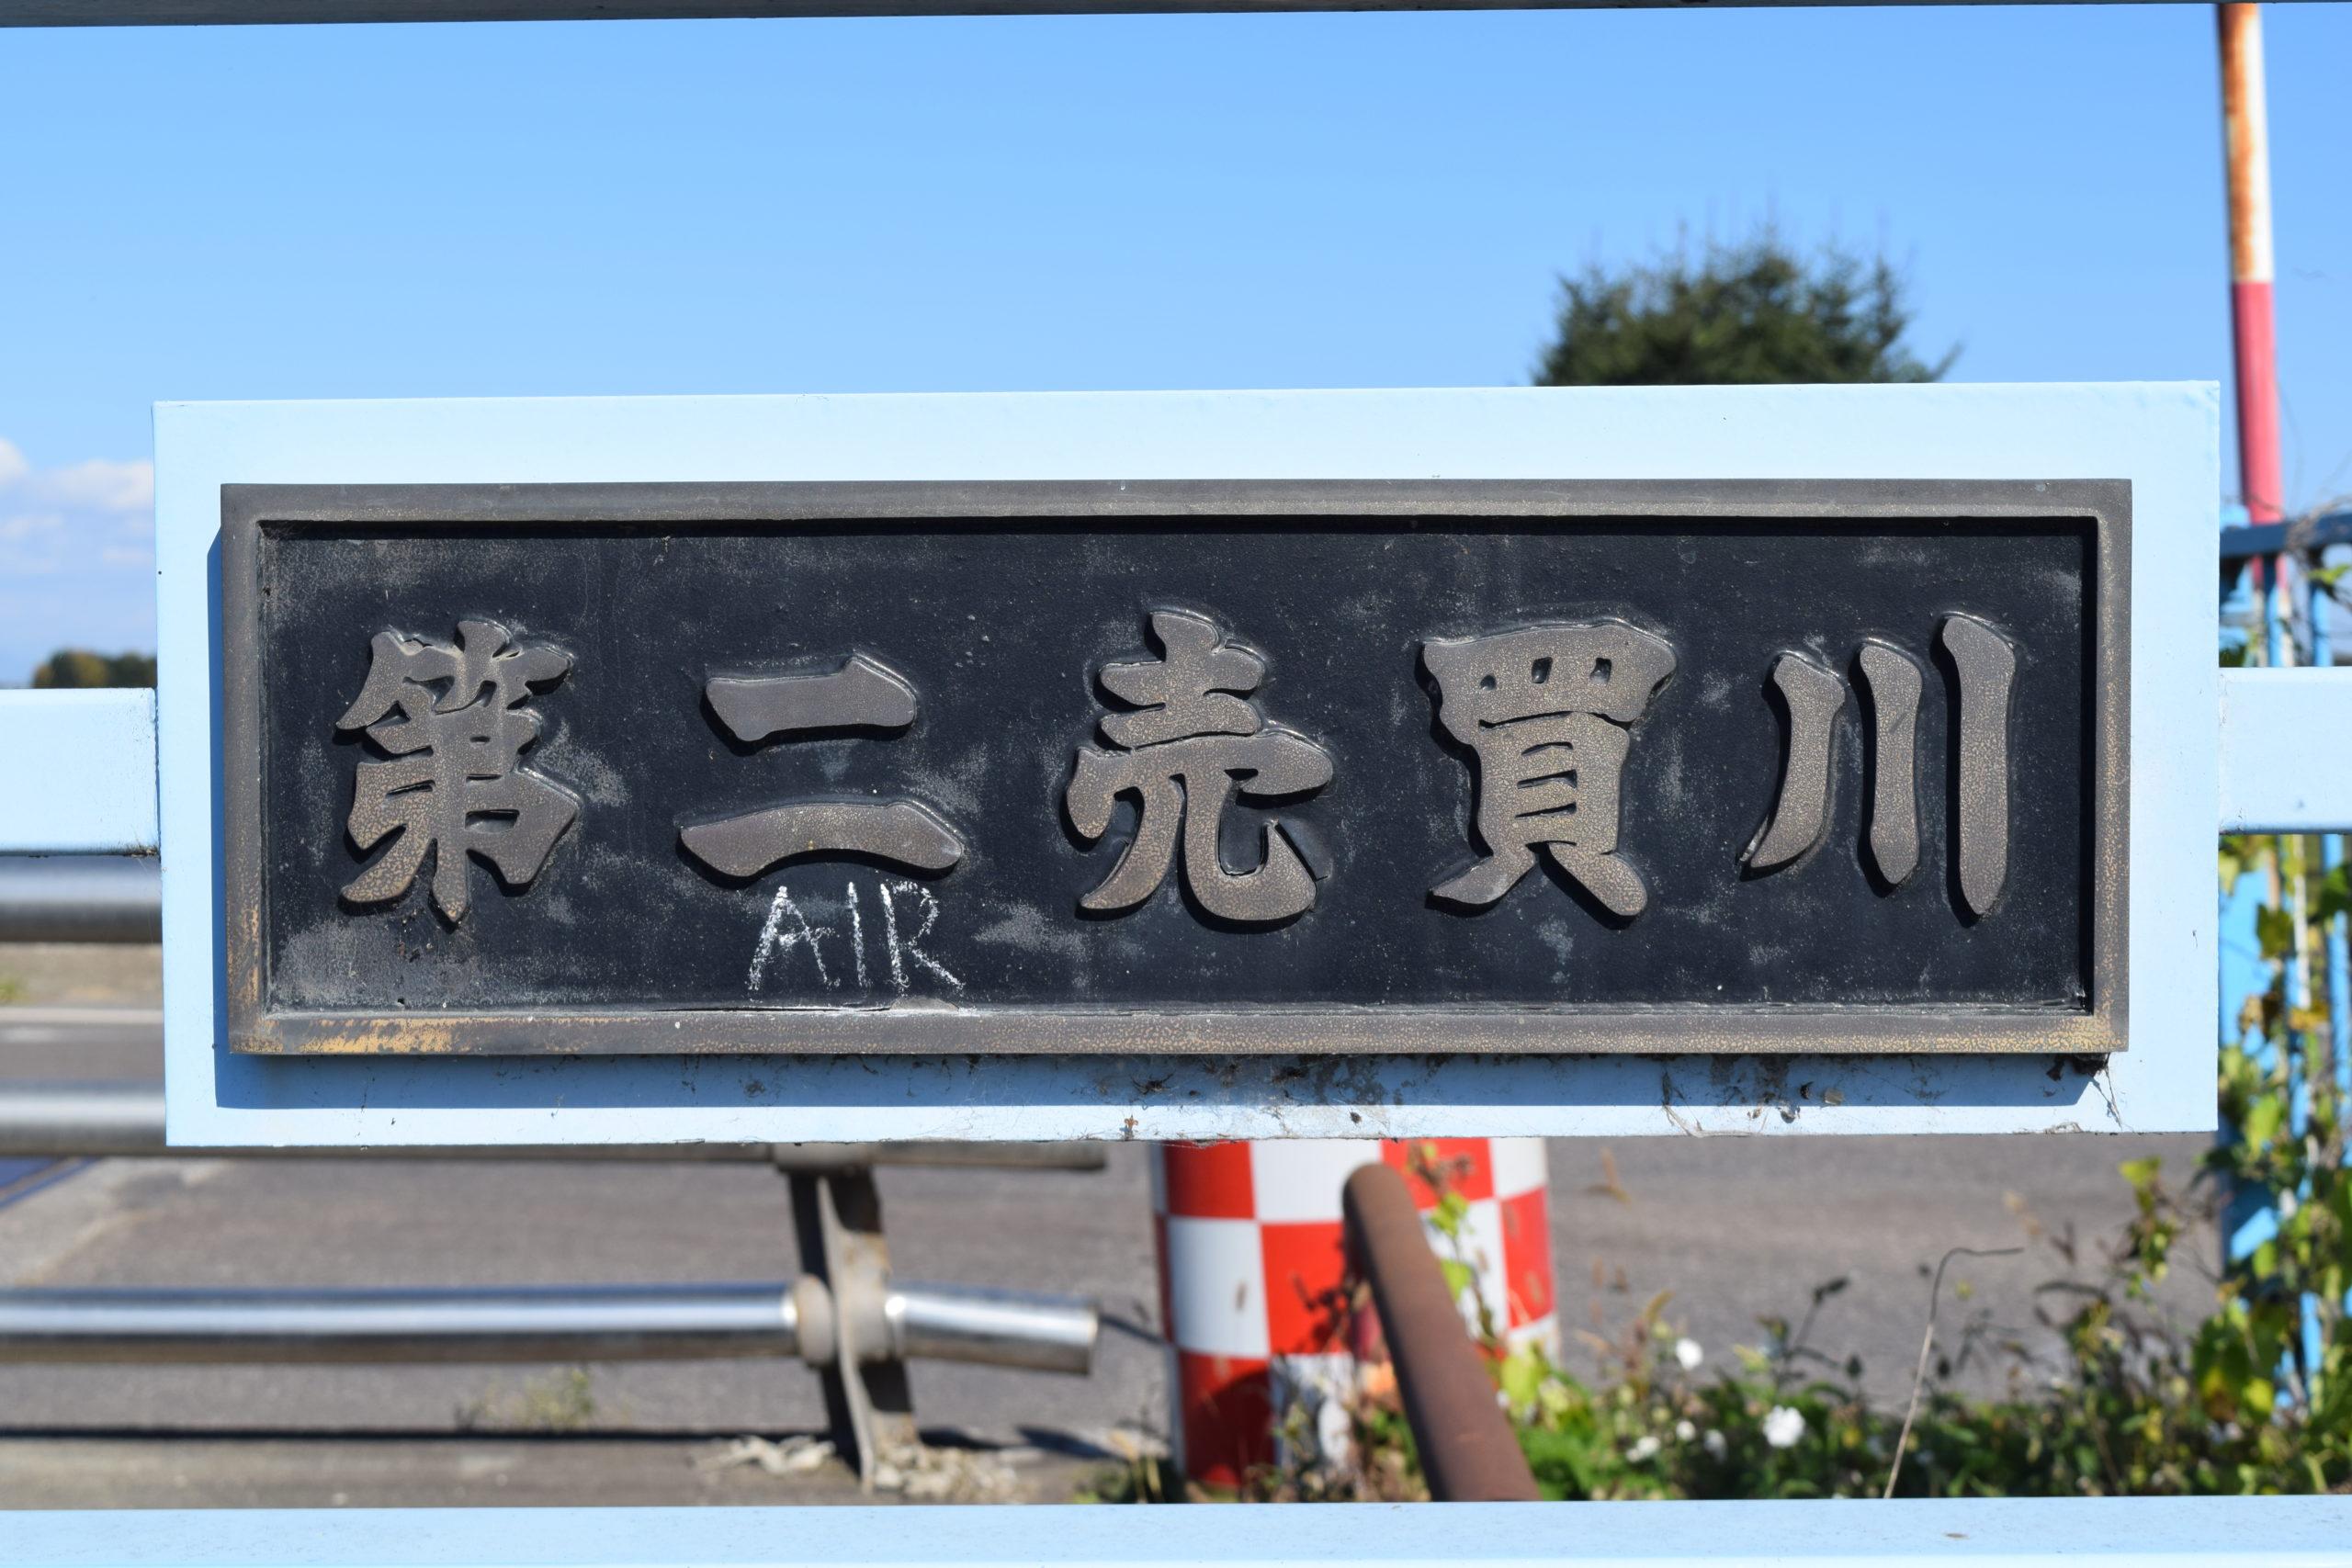 第二売買川(十勝川水系)の河川ライブカメラ一覧